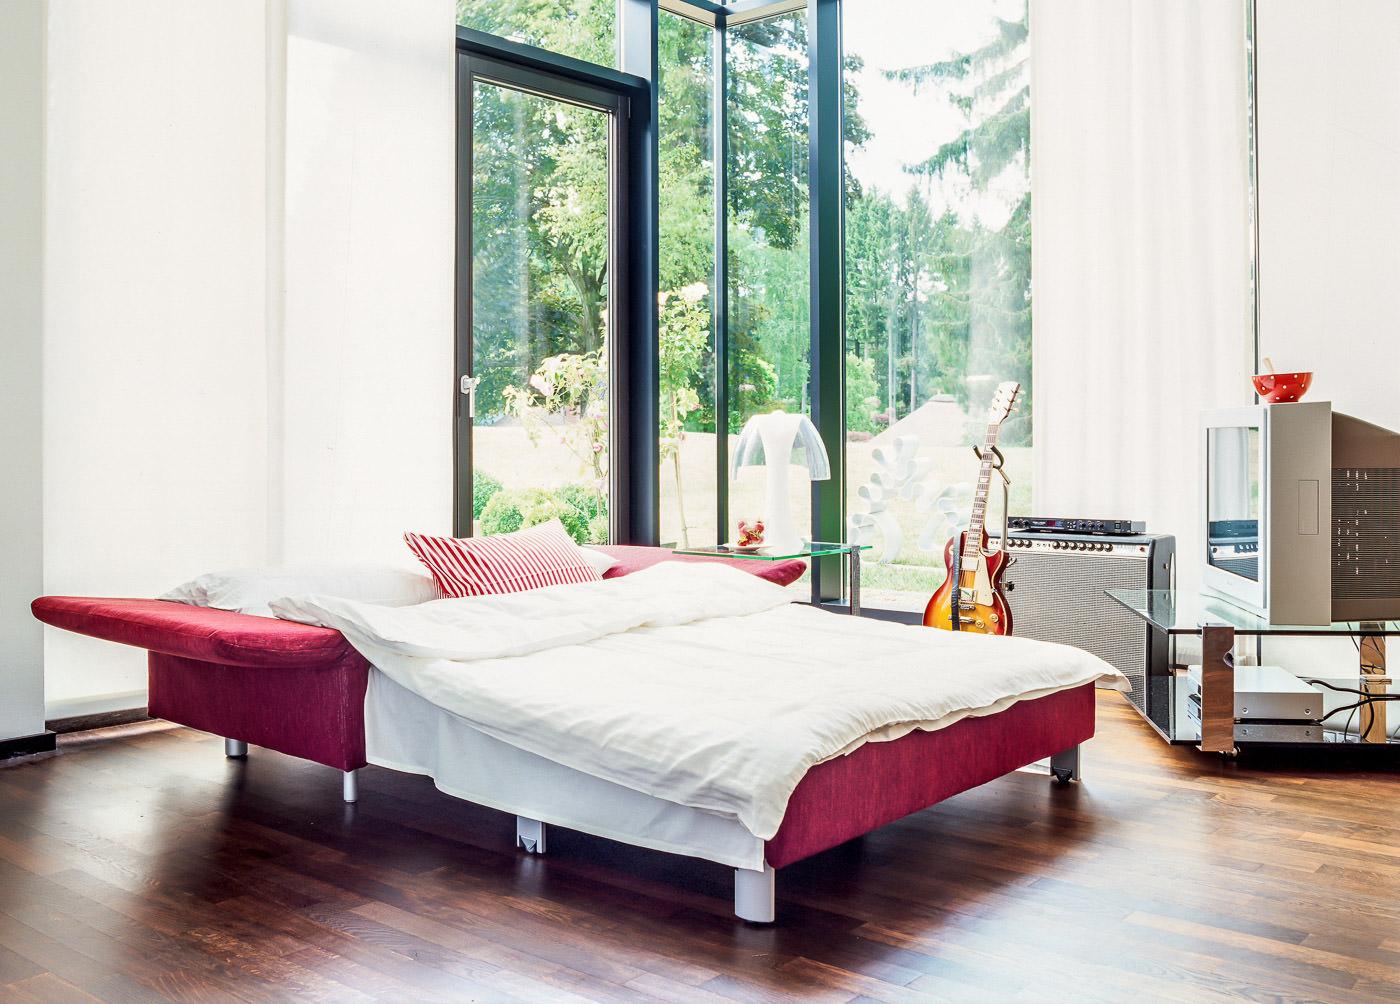 Zweisitzer mit Schlaffunkton Luino von Franz Fertig in rot bei Möbel Meiss